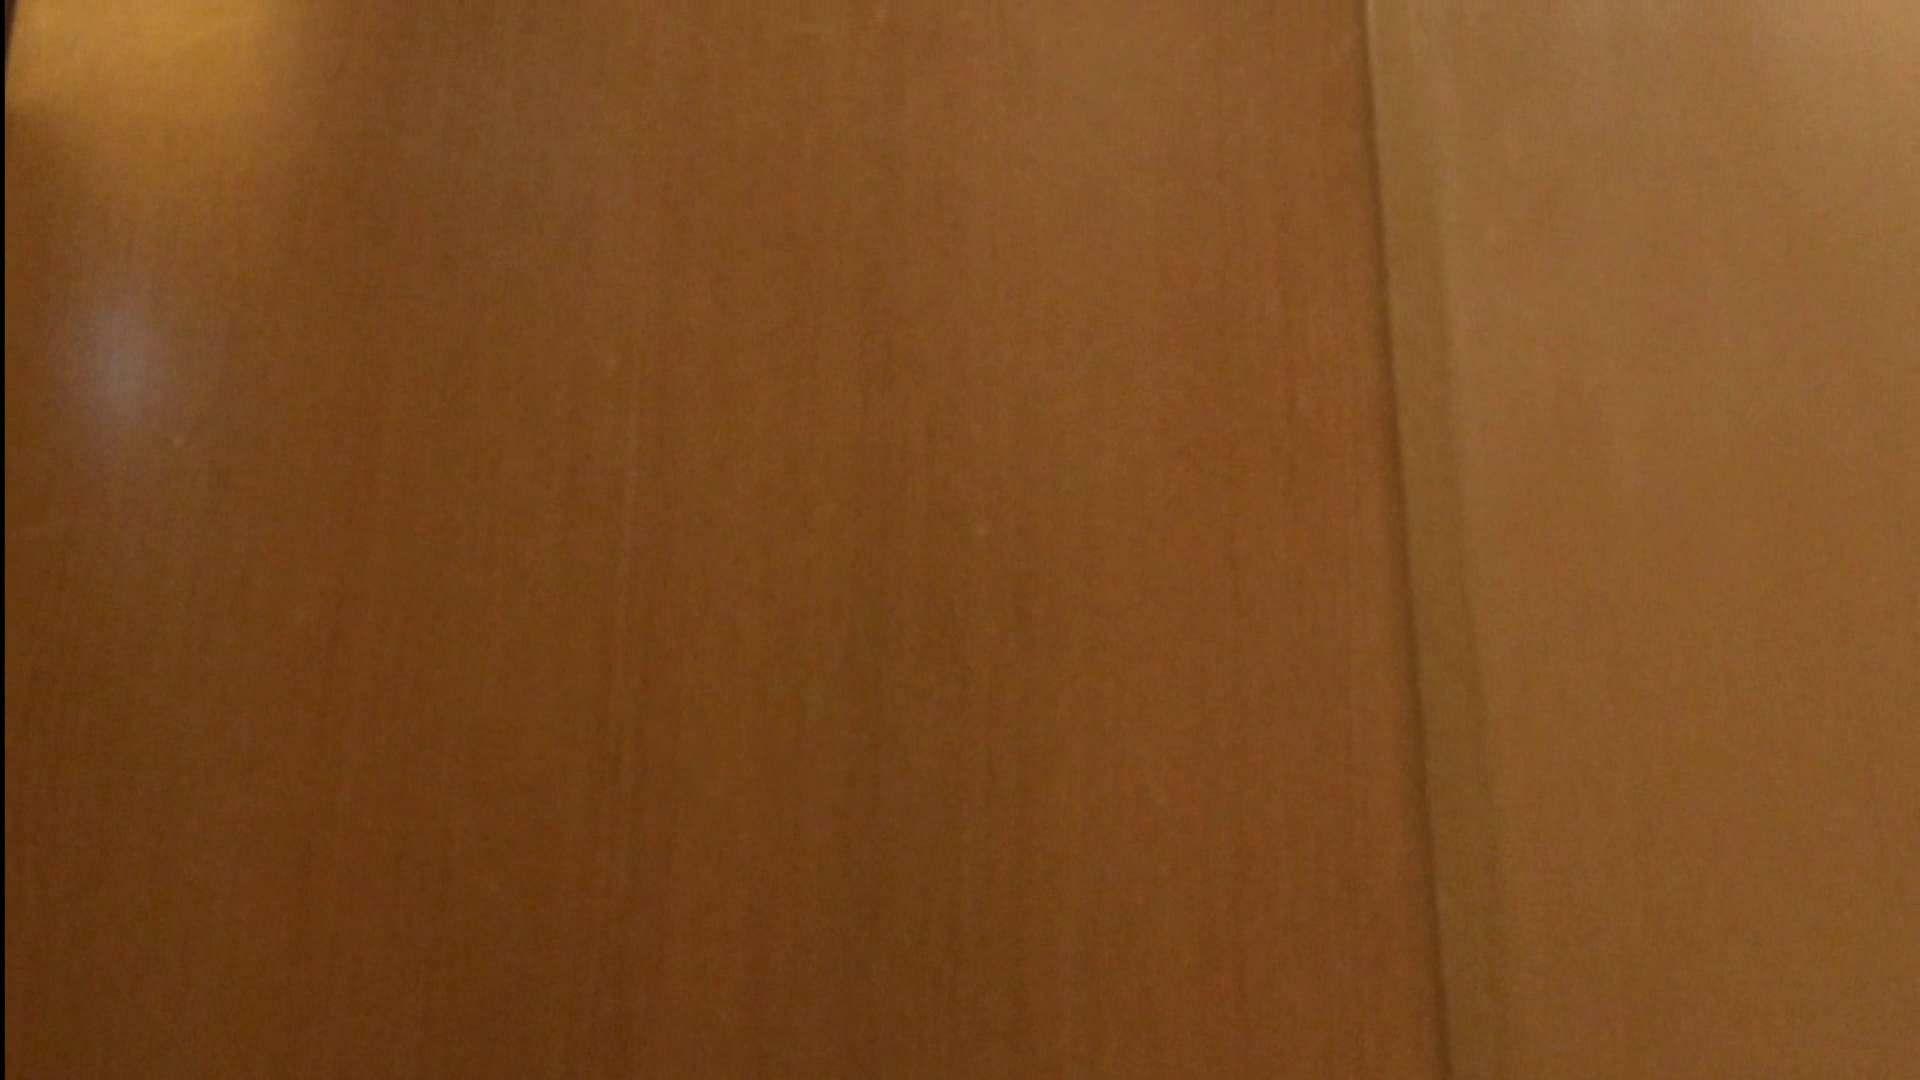 隣国化粧室下から御免!! No.04 美女ハメ撮り  100Pix 32